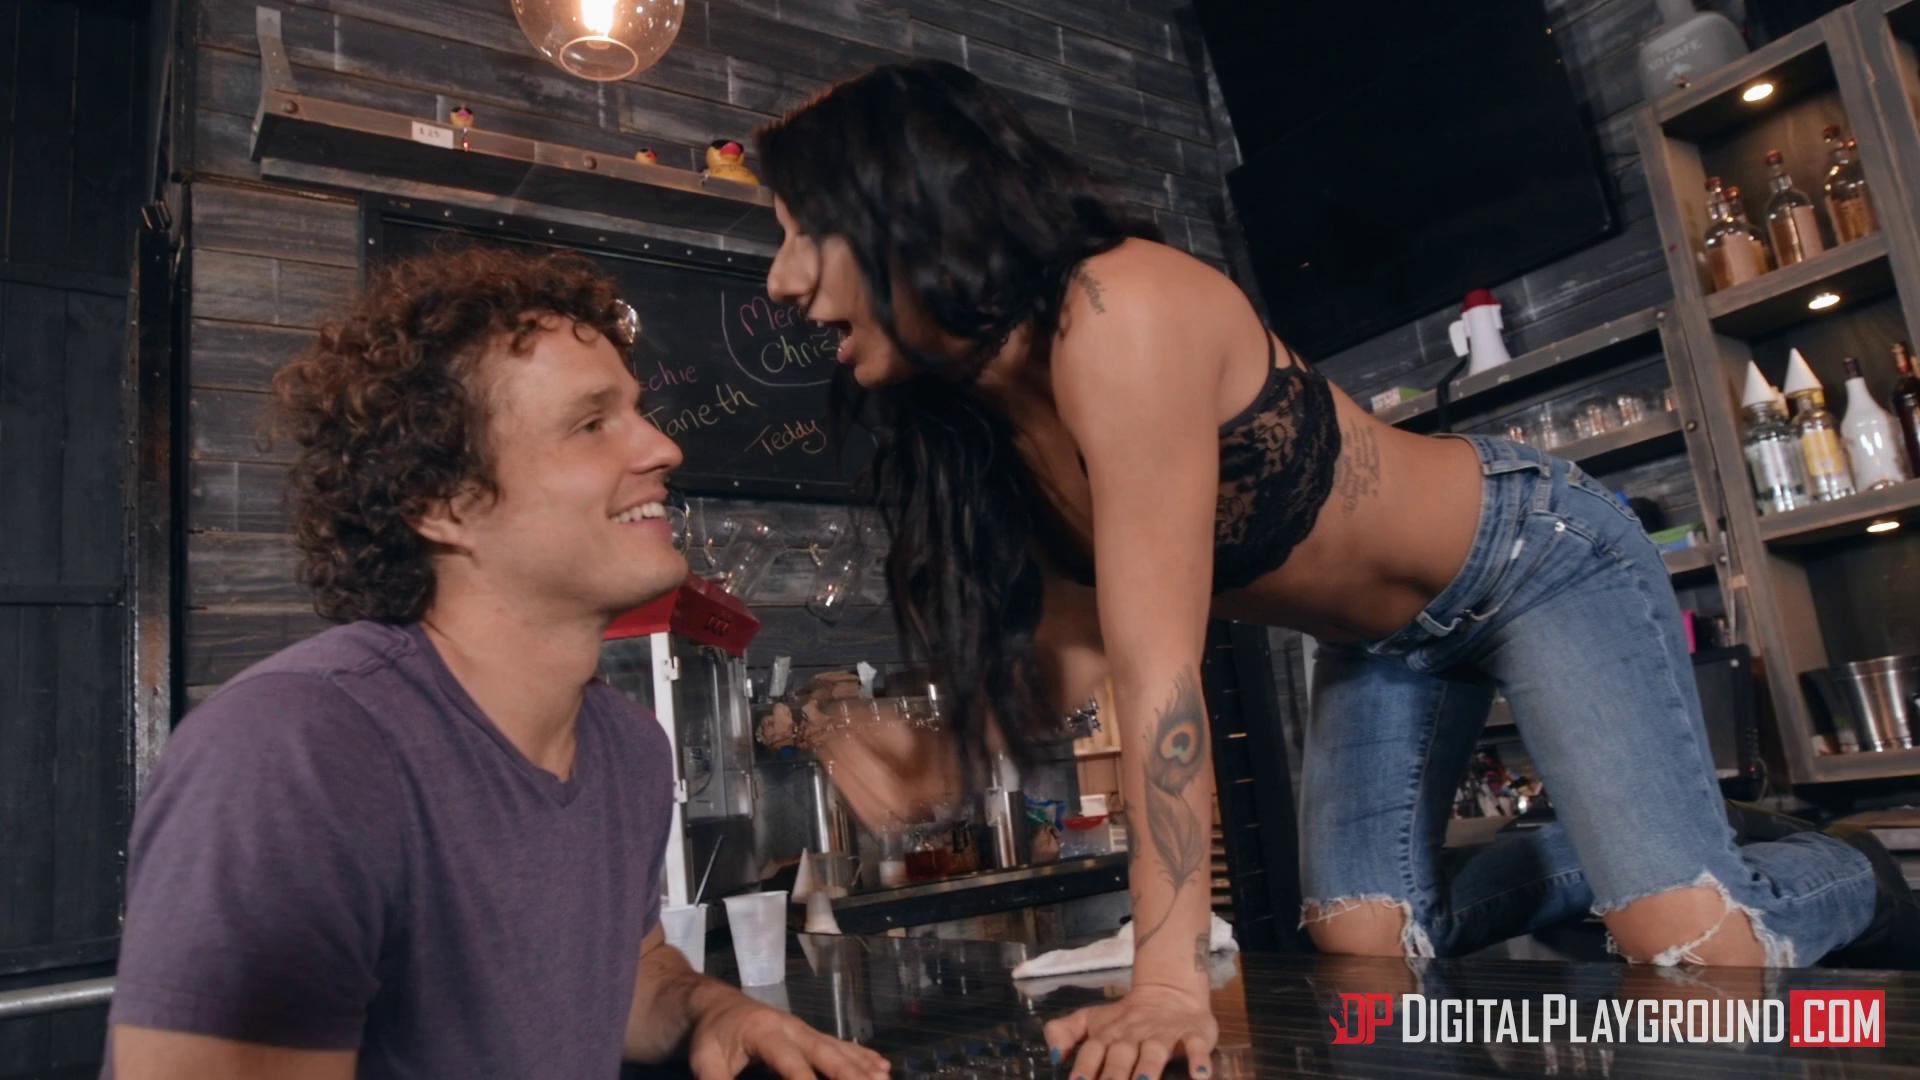 Alissa Avni Booty-Ful Bartender